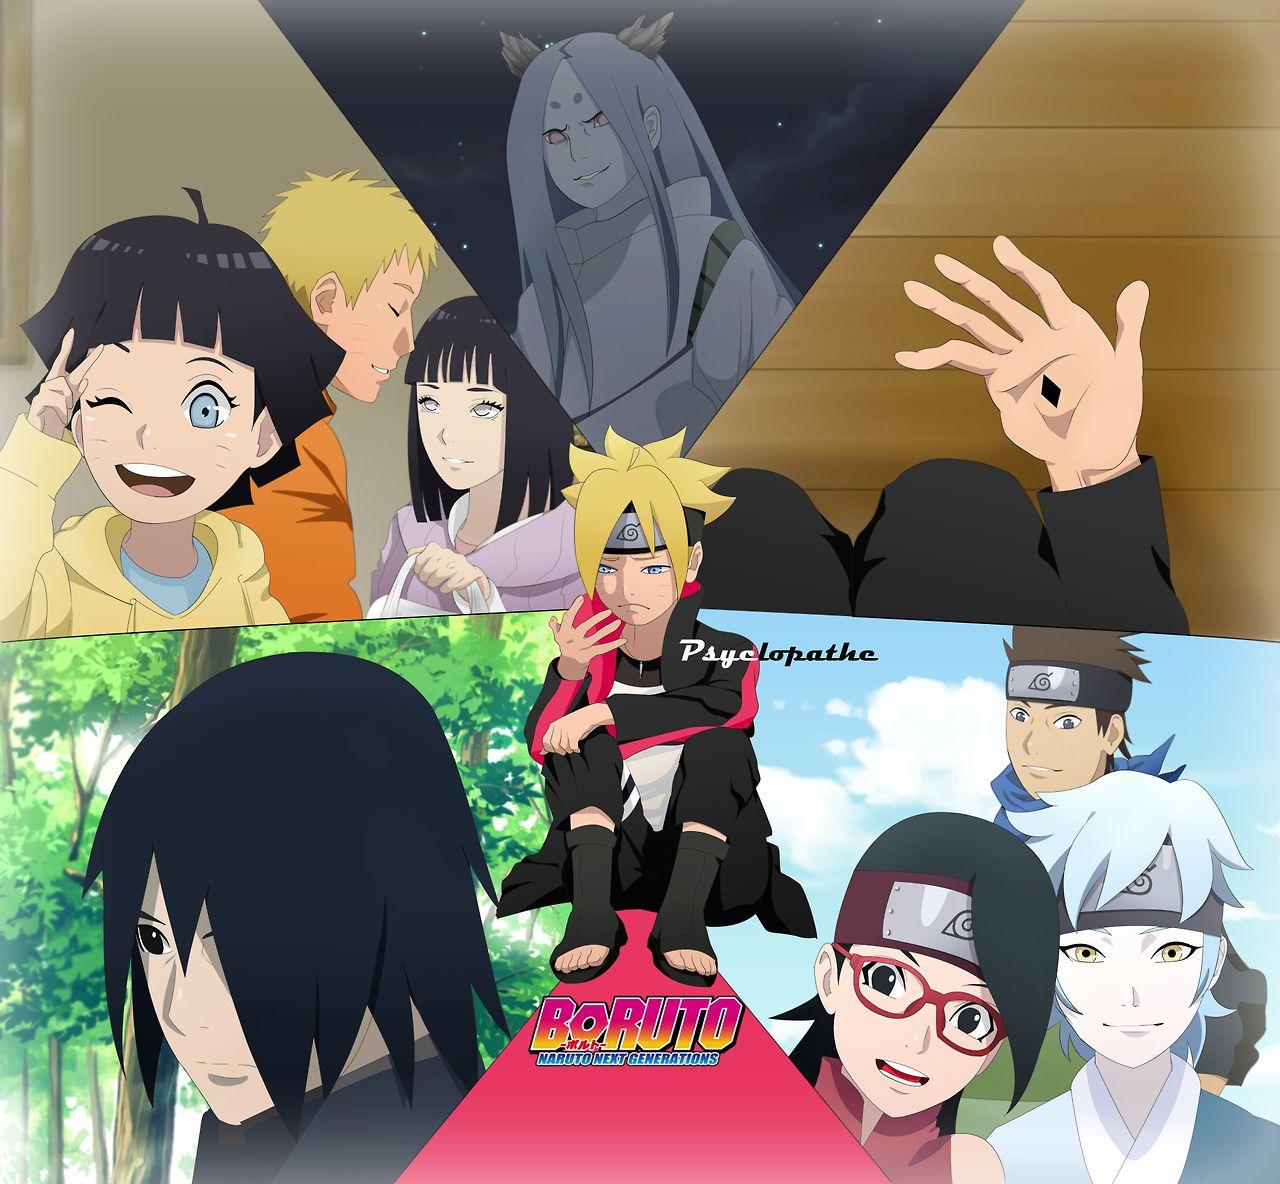 Boruto Naruto: #Boruto Naruto The Next Generation